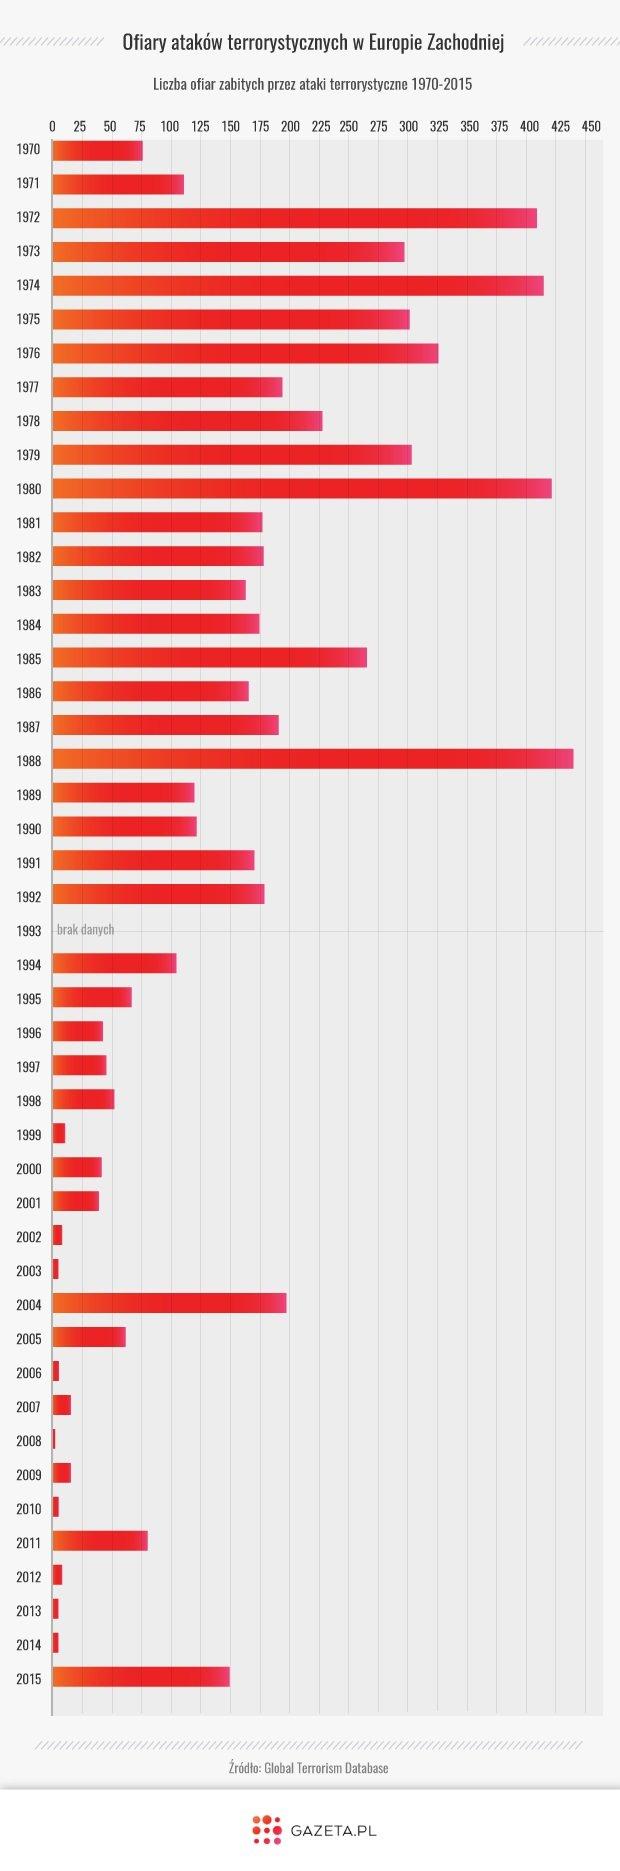 Ofiary terroryzmu w Europie Zachodniej